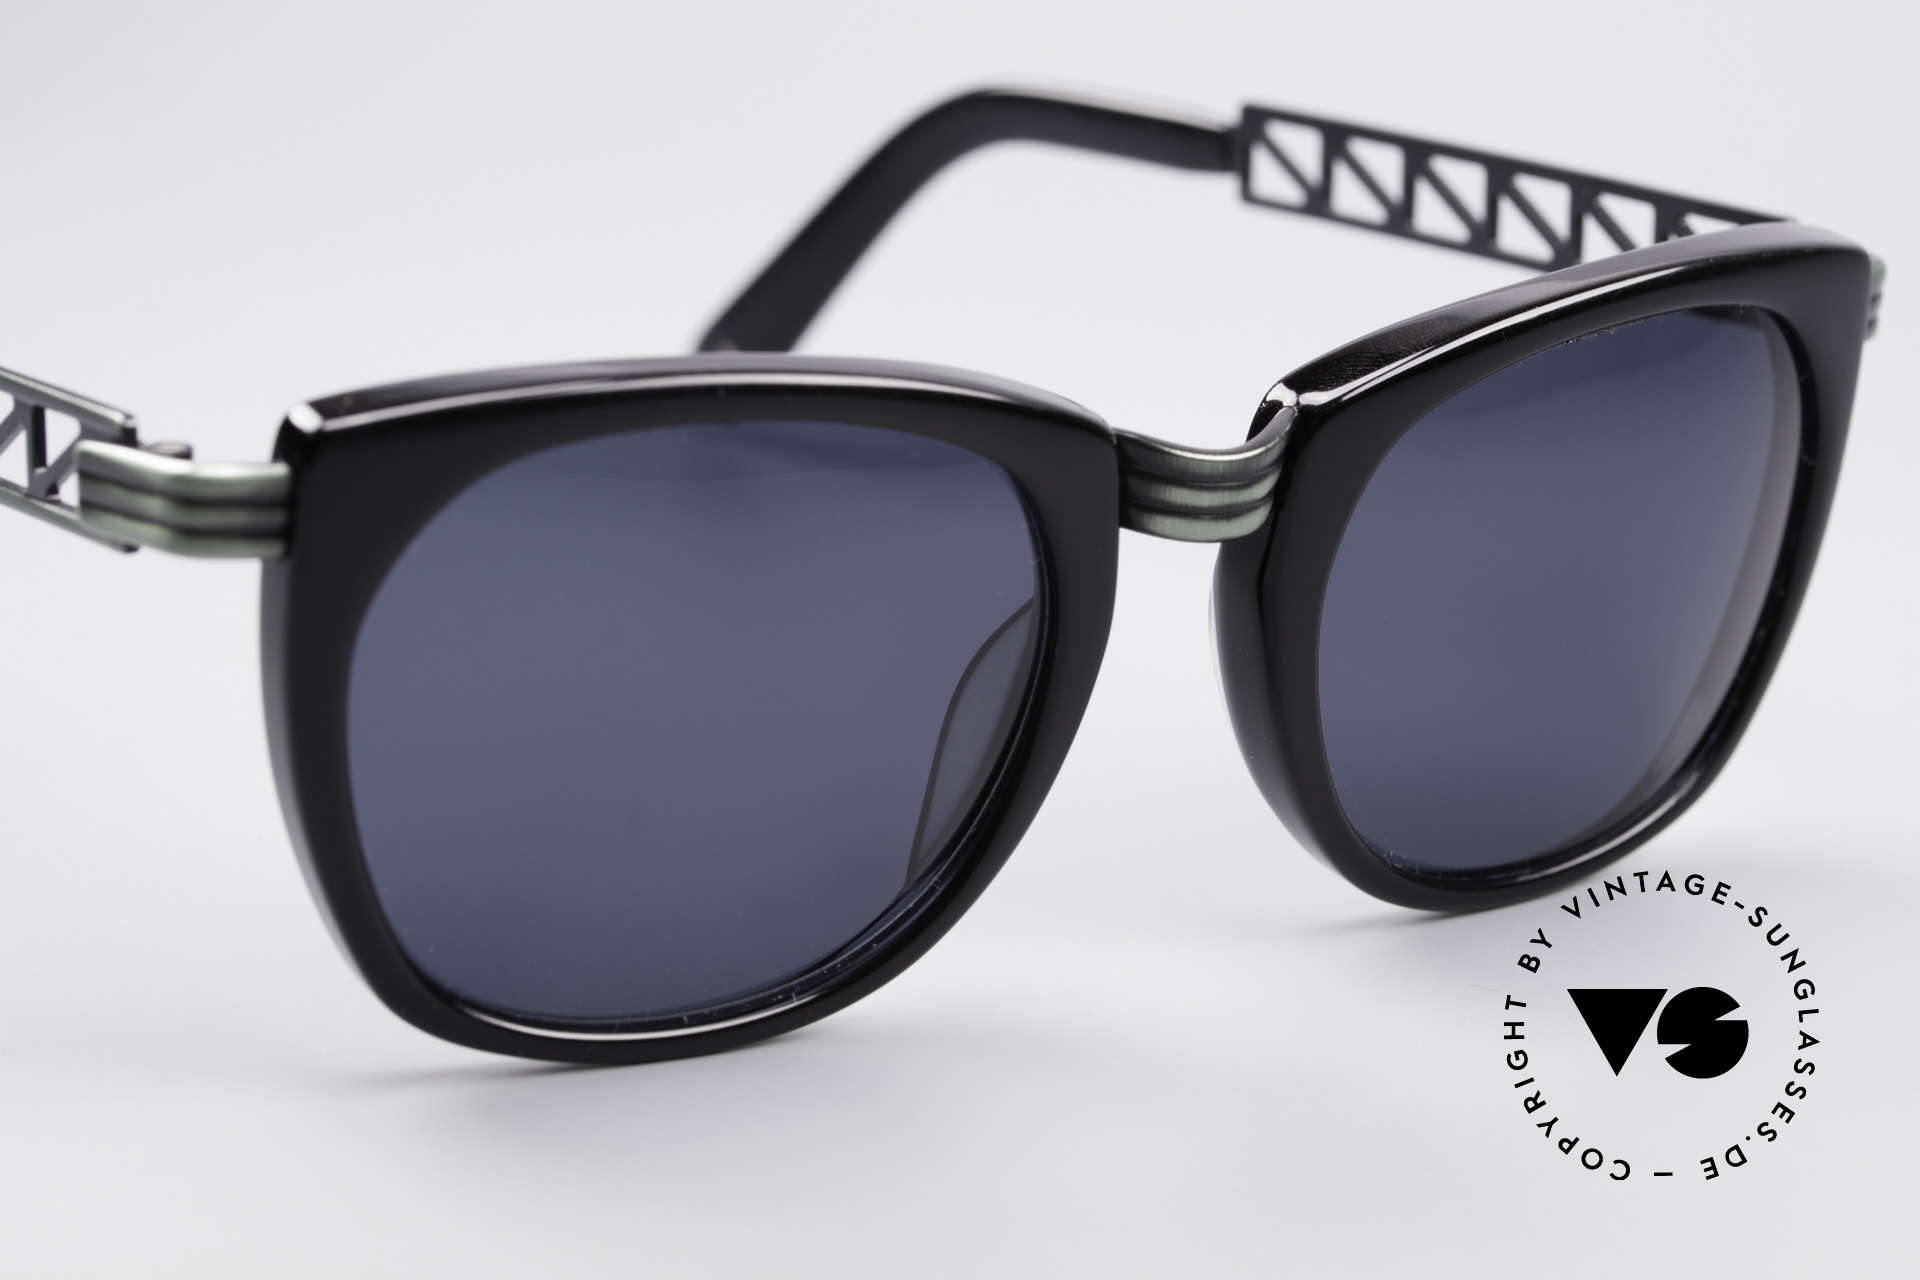 Jean Paul Gaultier 56-0272 Steampunk 90er Sonnenbrille, KEINE Retrosonnenbrille, sondern 20 Jahre alt, Passend für Herren und Damen